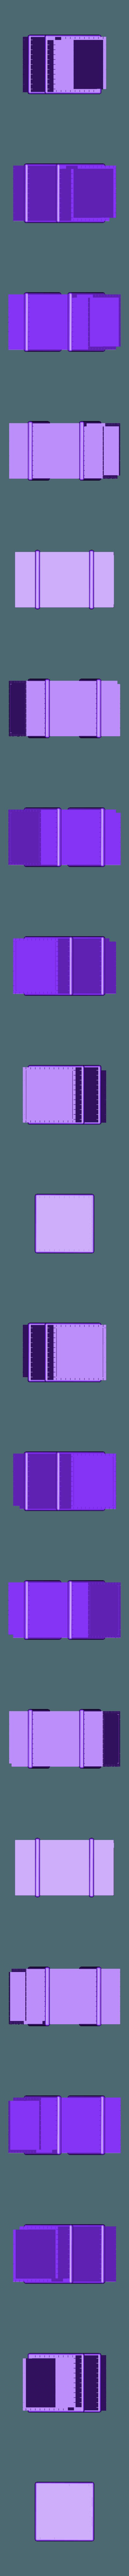 Box.stl Télécharger fichier STL gratuit Une simple boîte secrète • Objet imprimable en 3D, gzumwalt